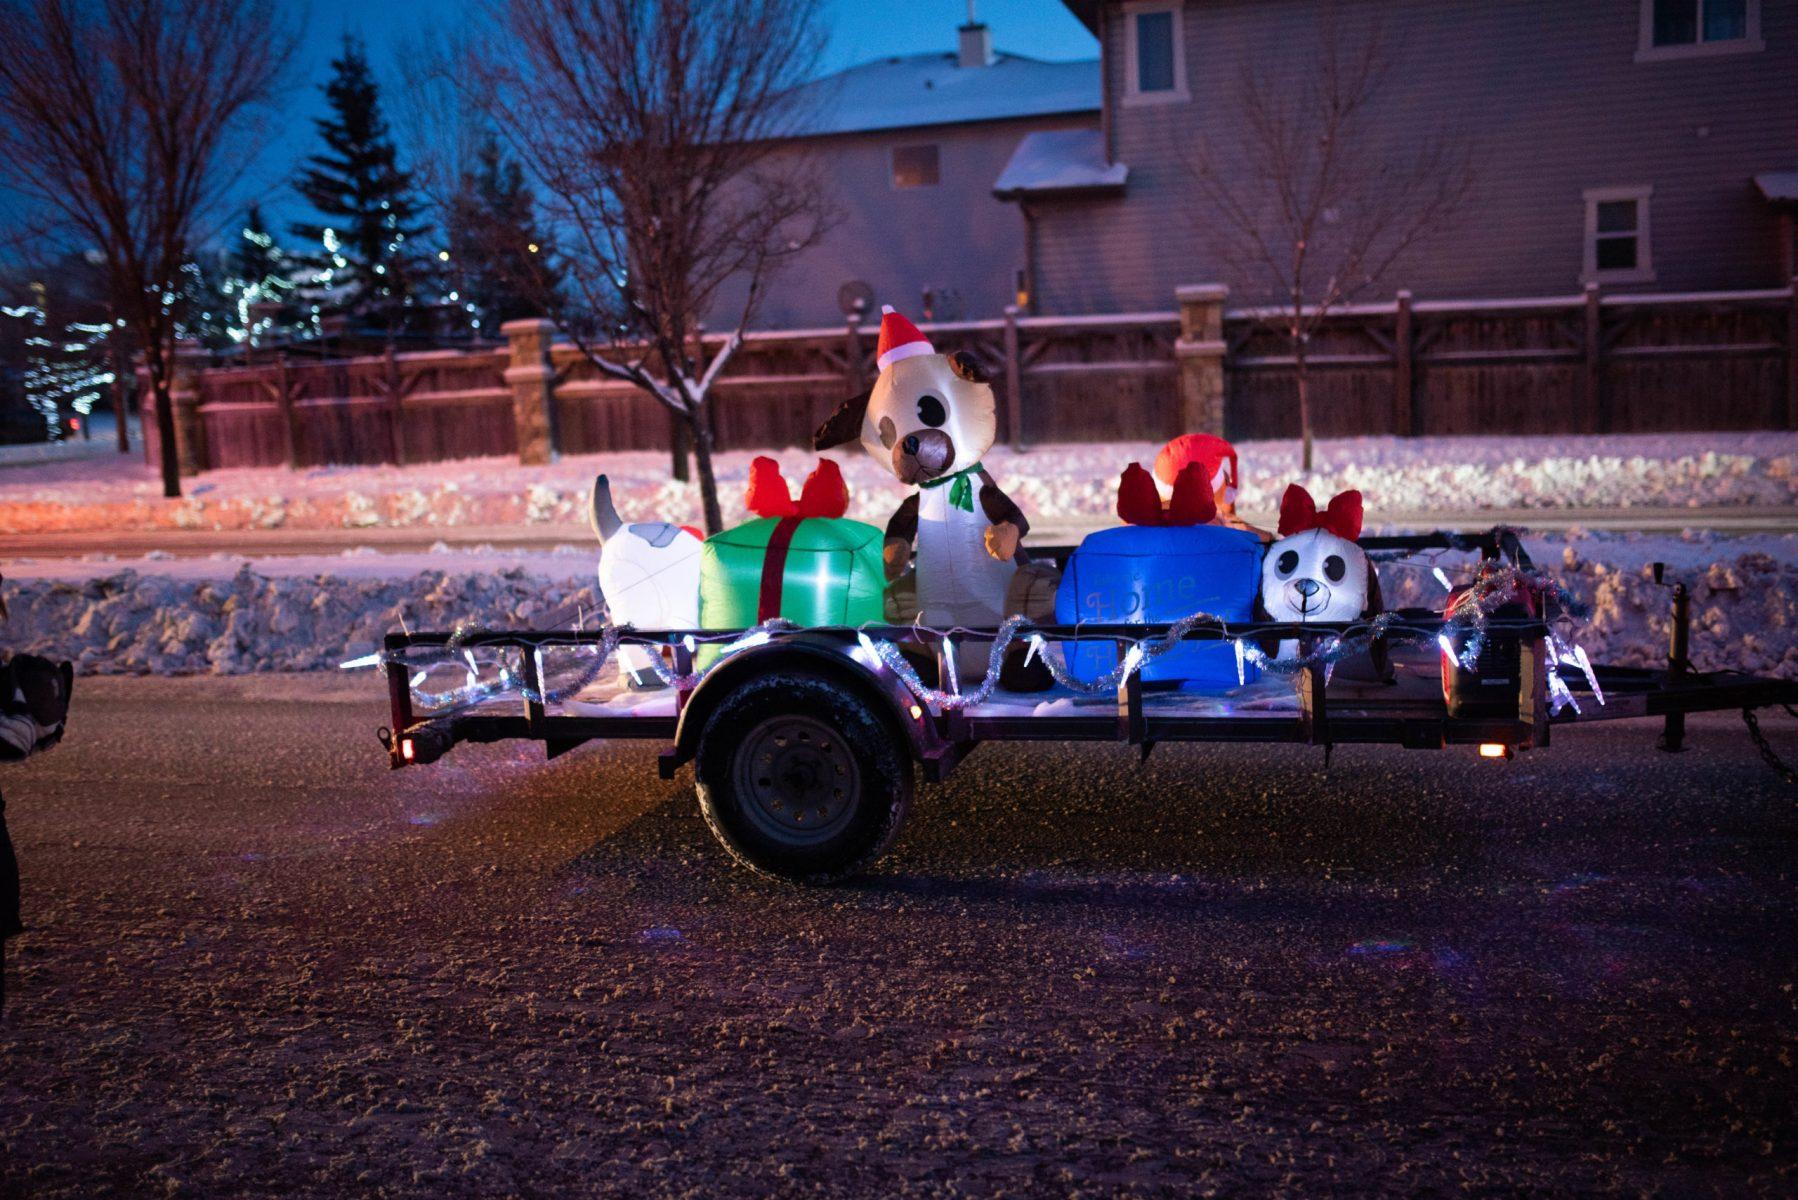 Auburn-Bay-Christmas-Parade-2019-64-scaled